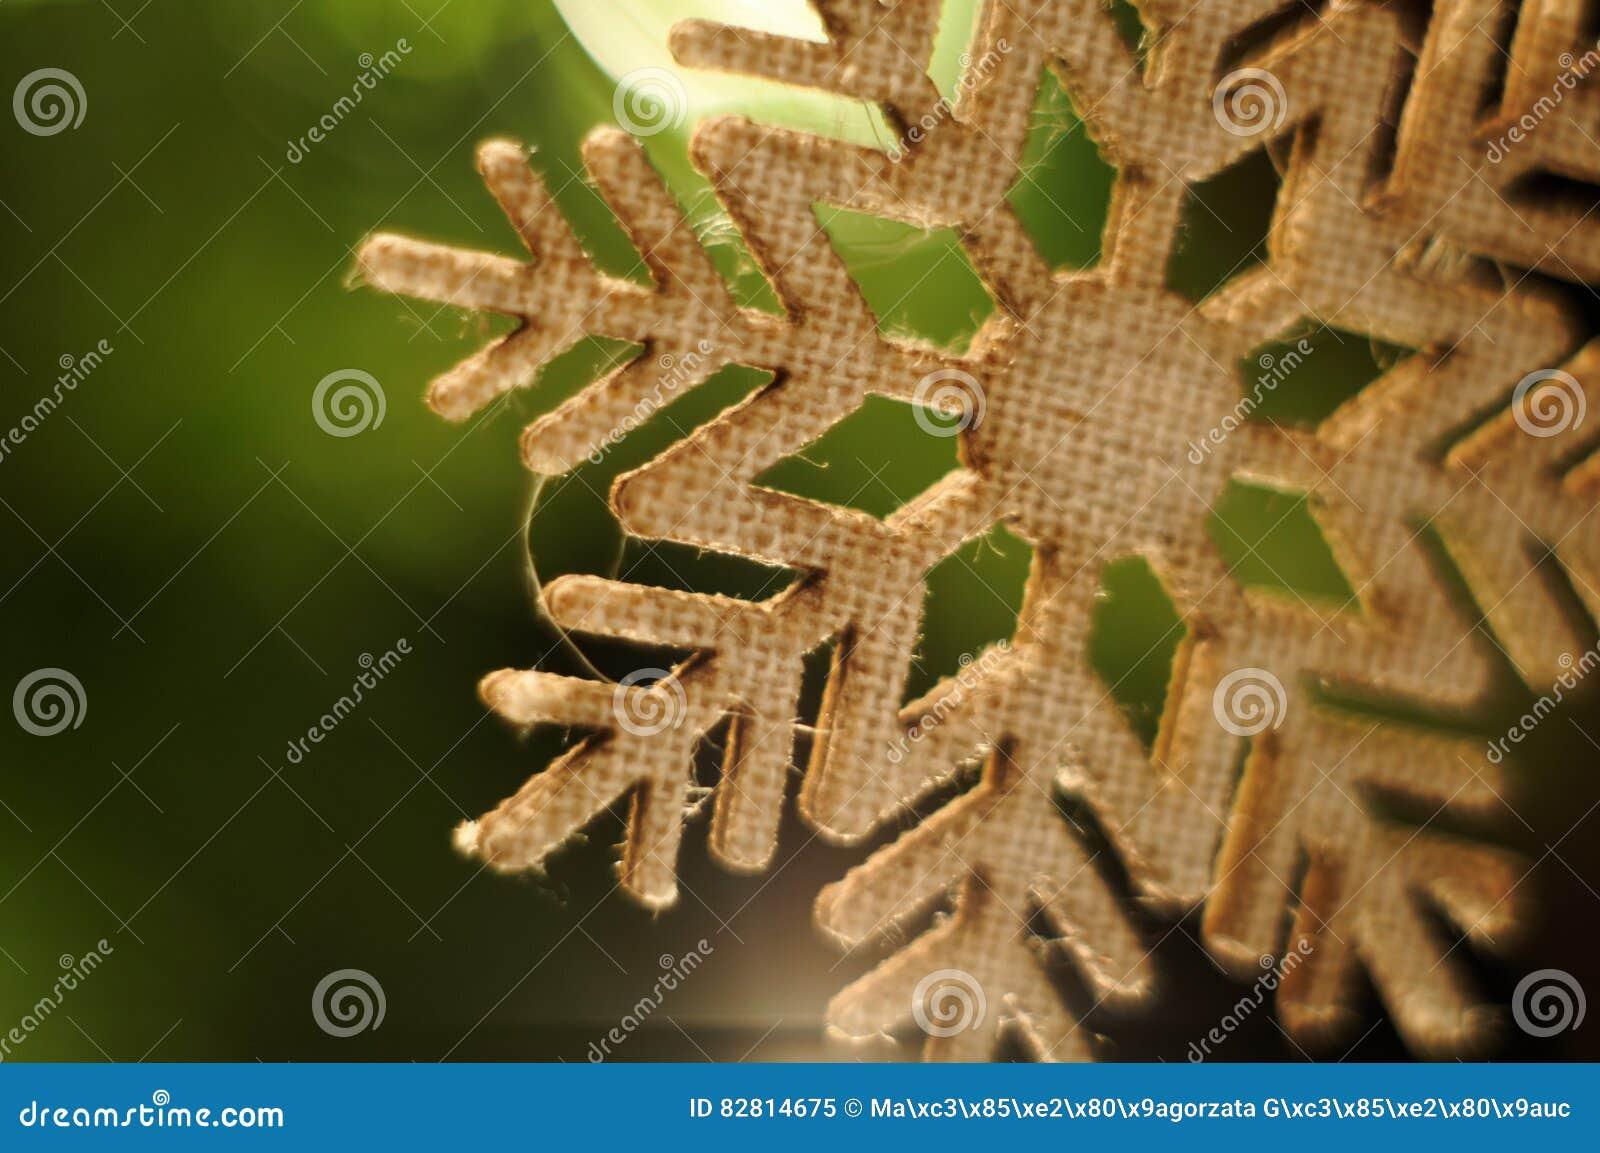 Christmass Tree Decoration. Stock Image - Image of orange ...